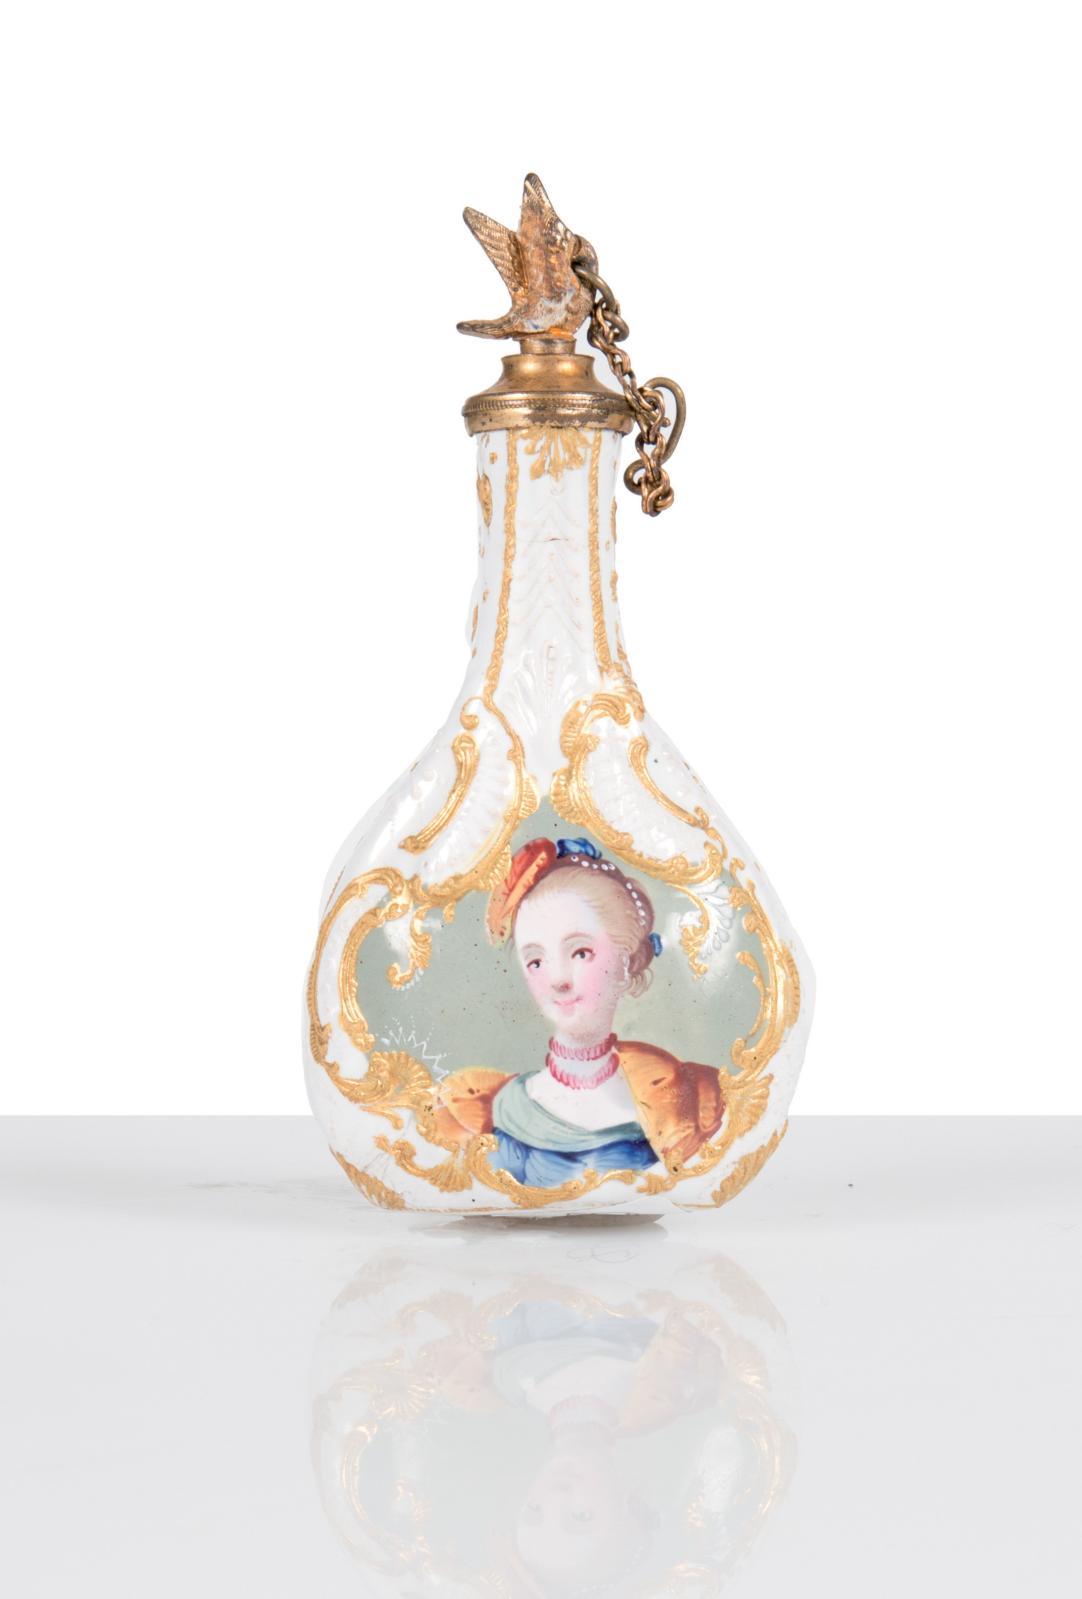 Angleterre, XVIIIesiècle. Flacon à parfum en cuivre émaillé polychrome et or, h.9,9cm. Marseille, 19février 2016. LeclereOVV. M.Lescop deMoÿ. A